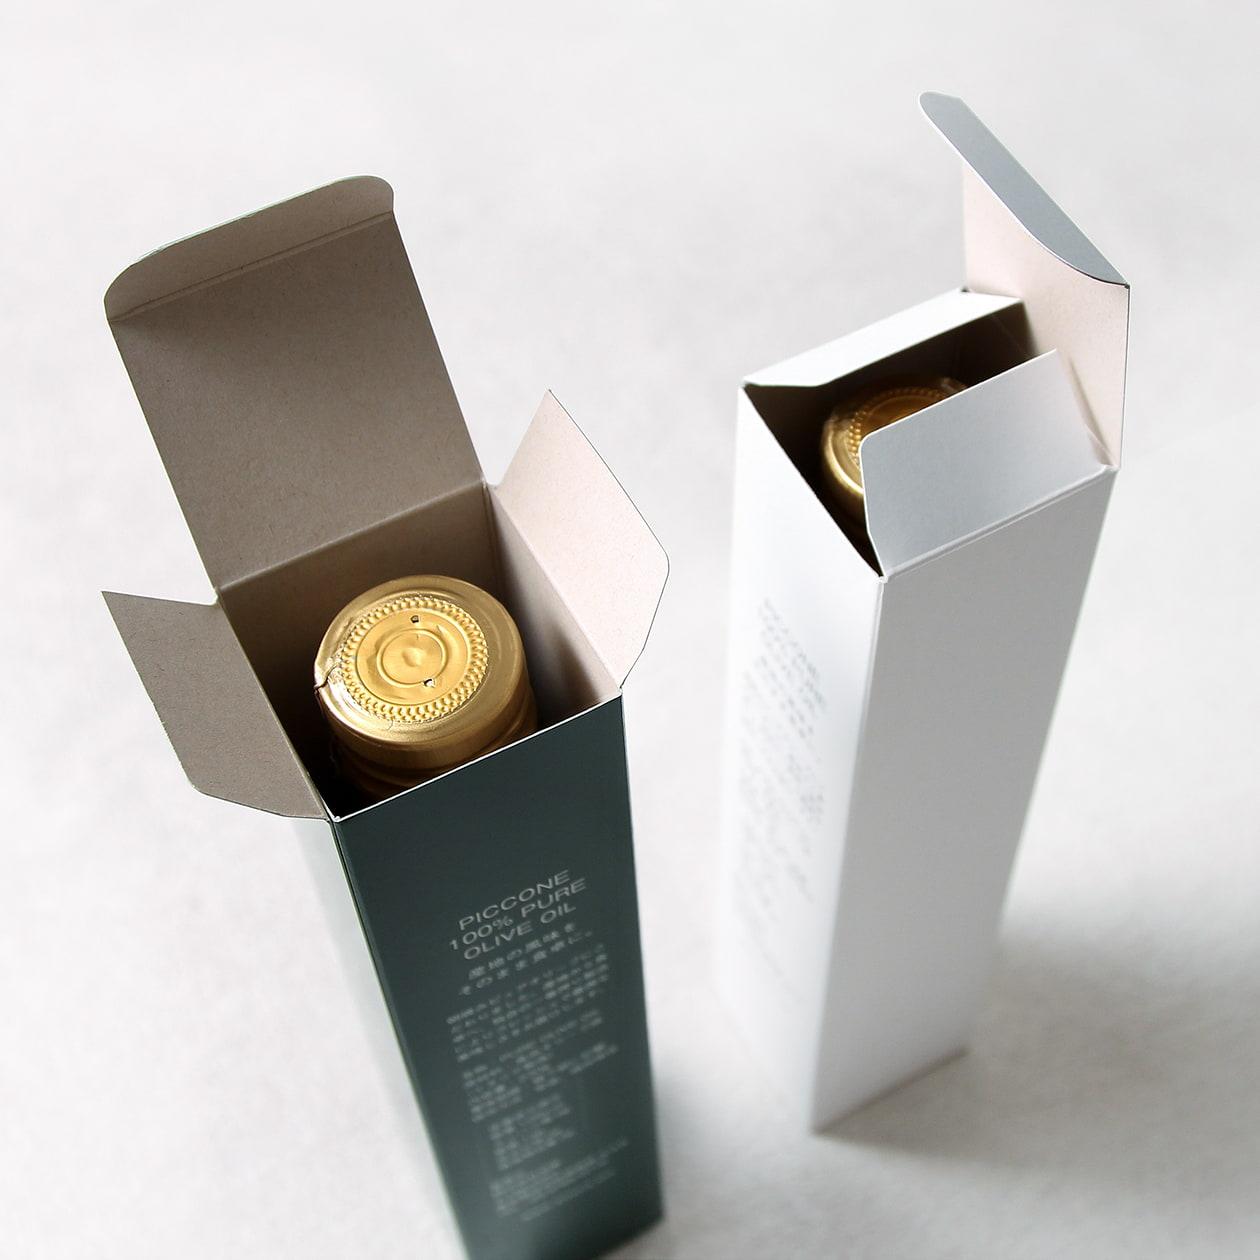 オリーブオイルの商品パッケージとセットBOX